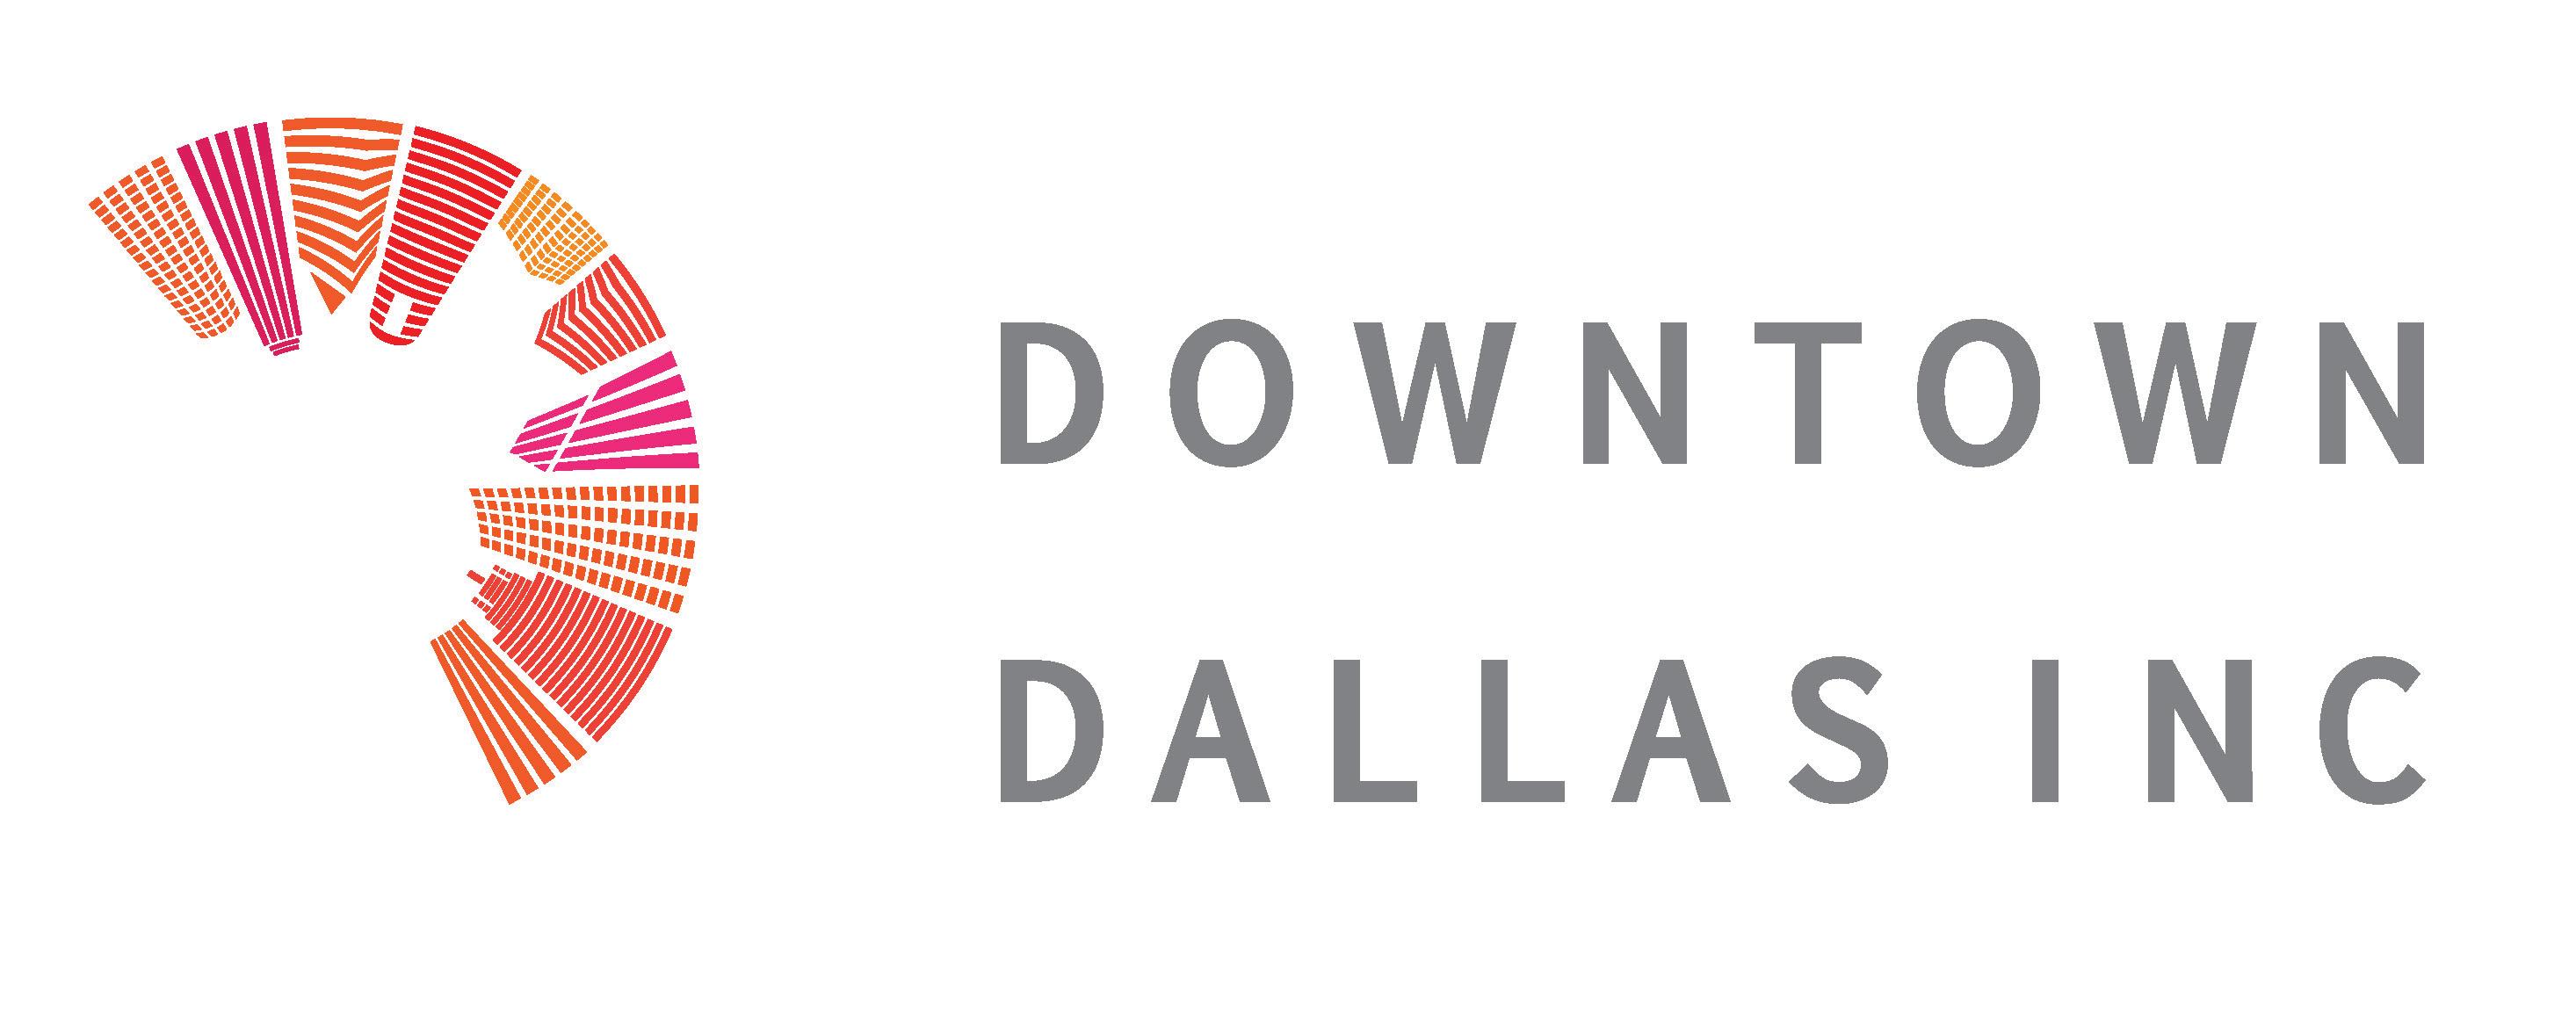 CELEBRATE ARCHITECTURE - Downtown Dallas Inc logo